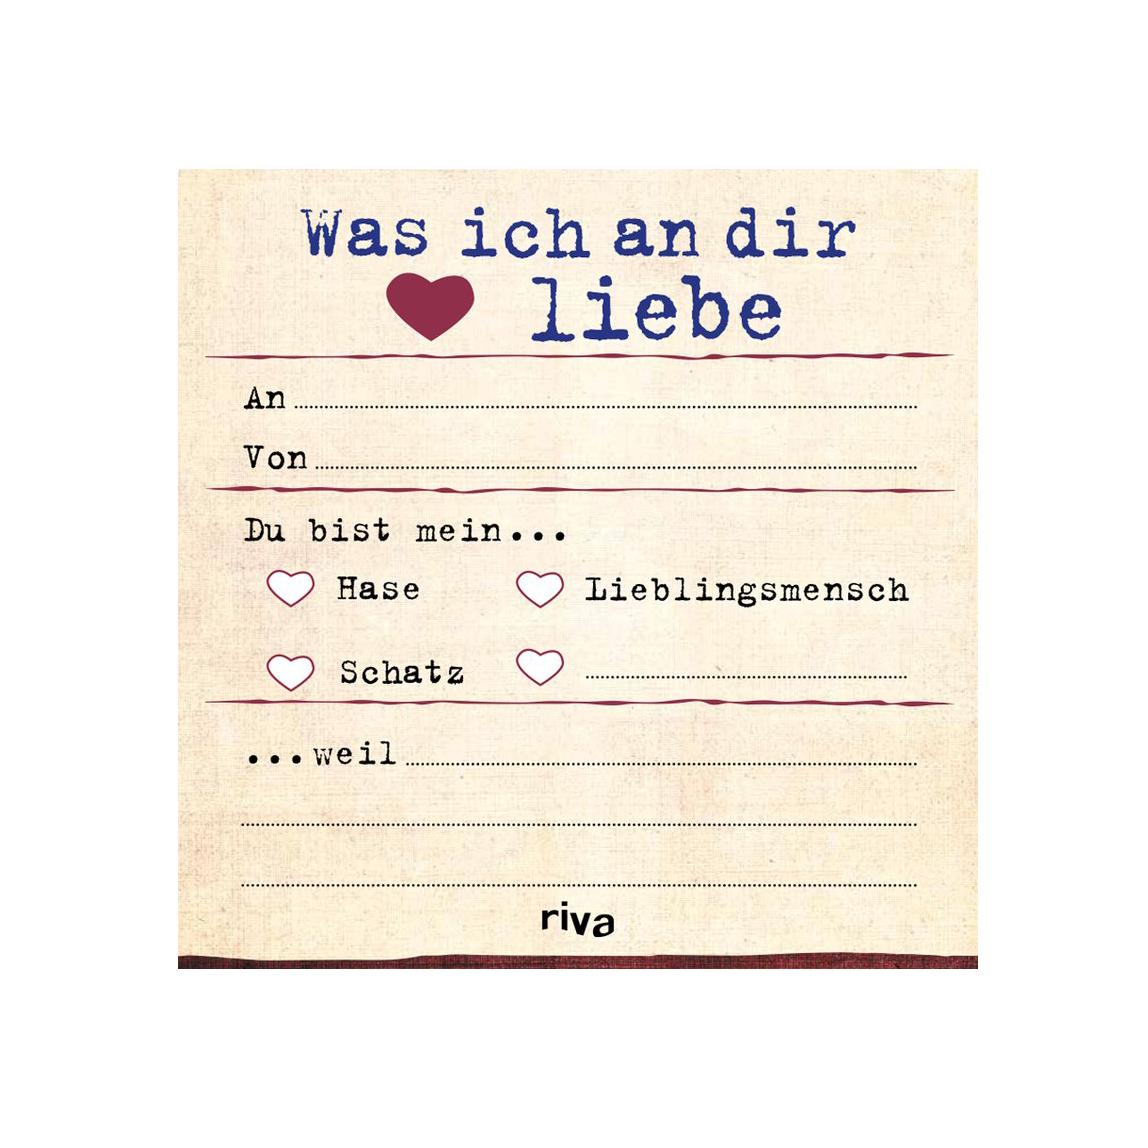 Was ich an dir liebe - der Notizblock